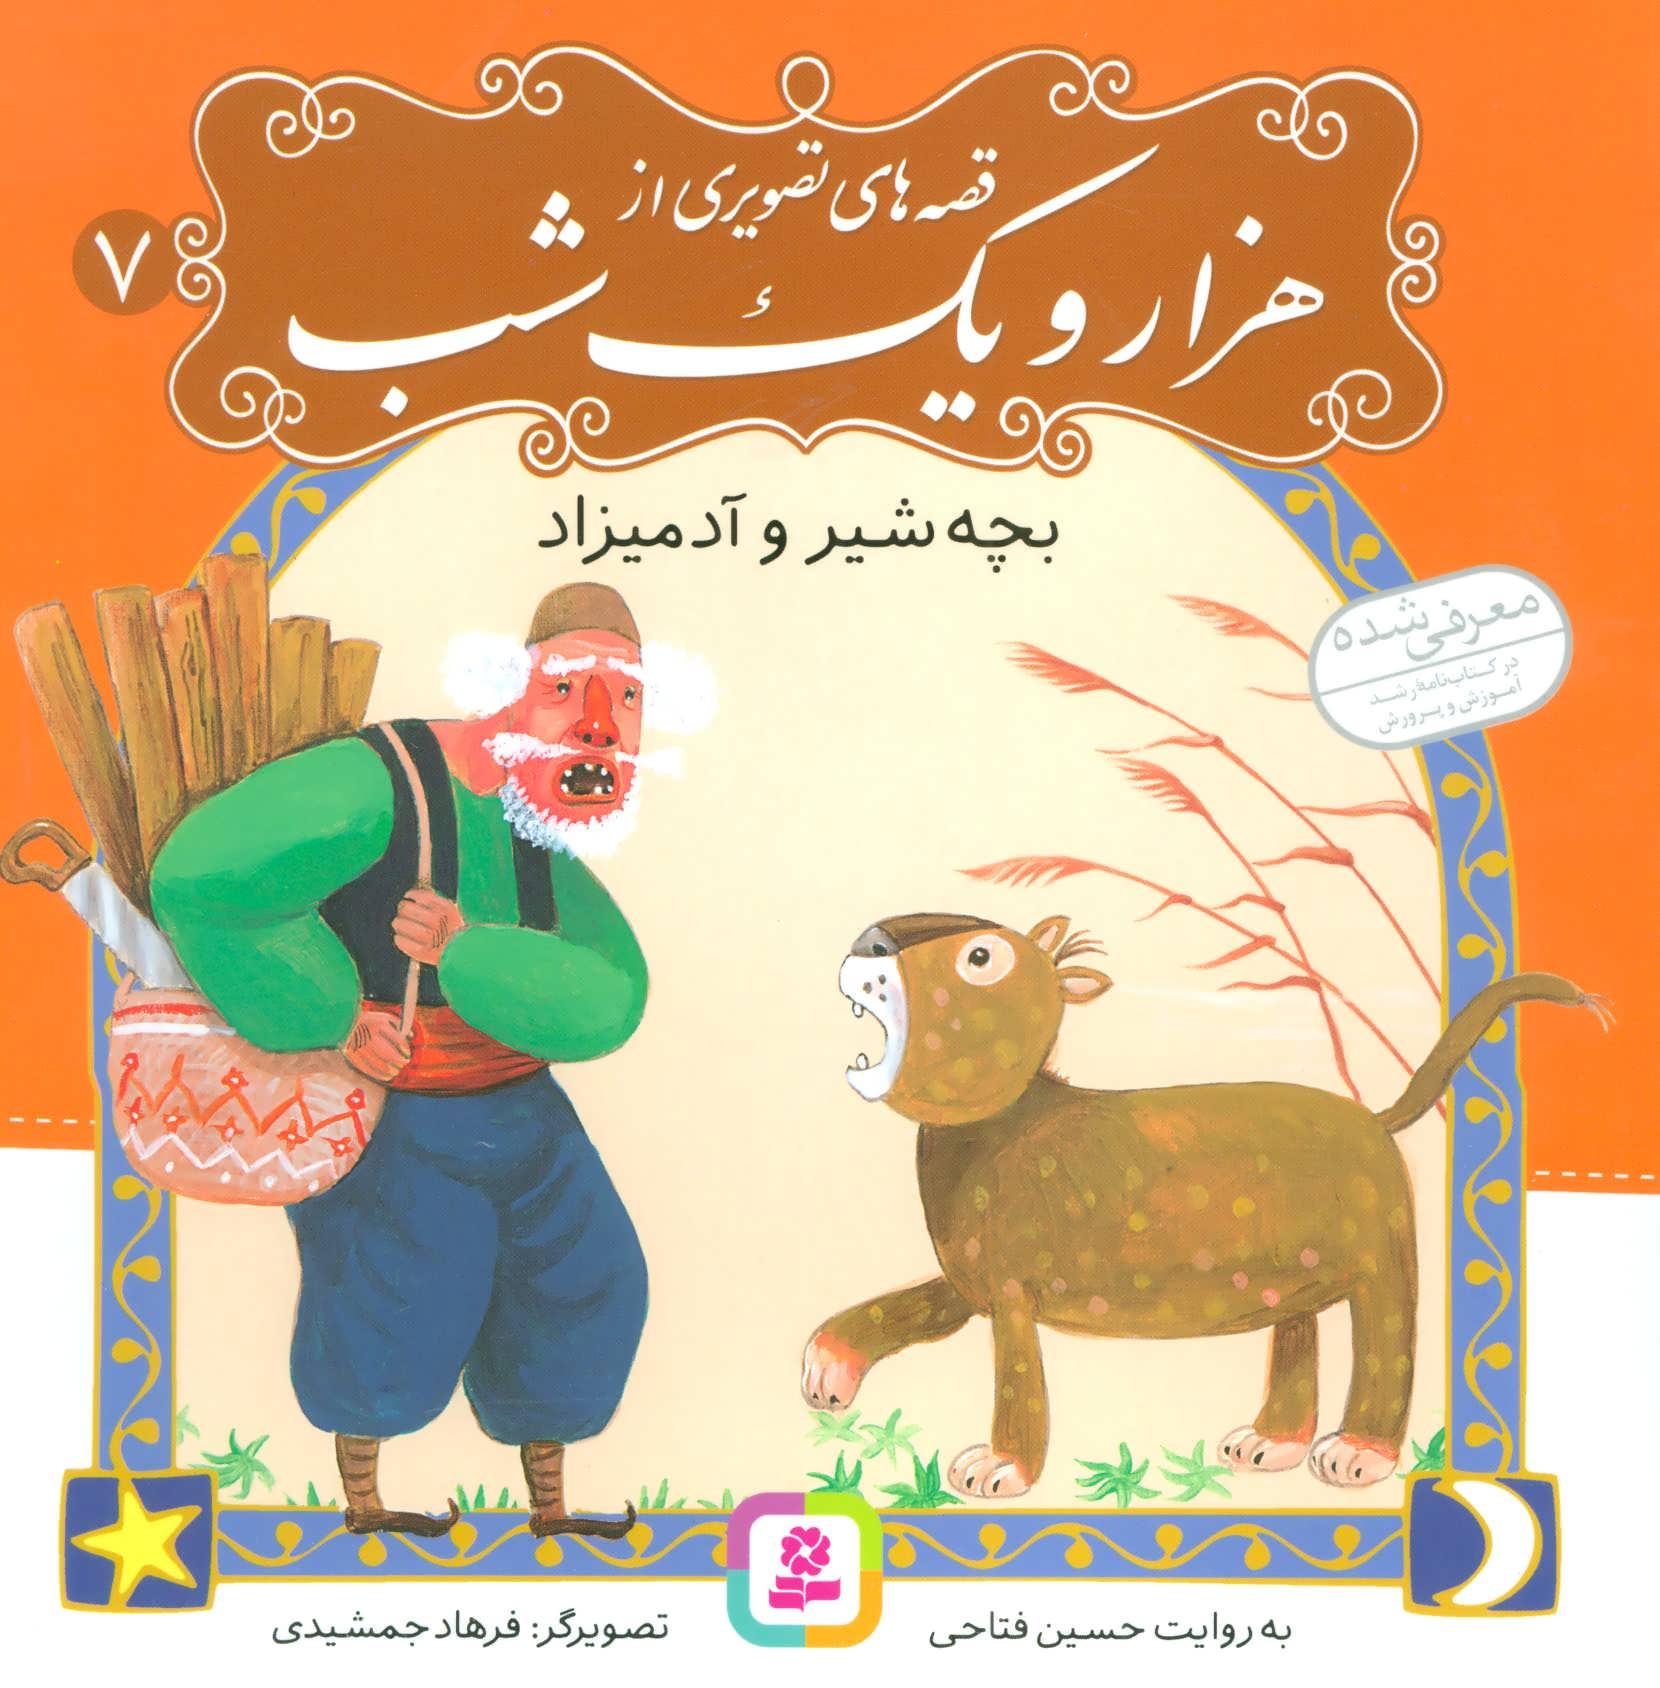 قصه هاي تصويري از هزار و يك شب 7 (بچه شير و آدميزاد)،(گلاسه)